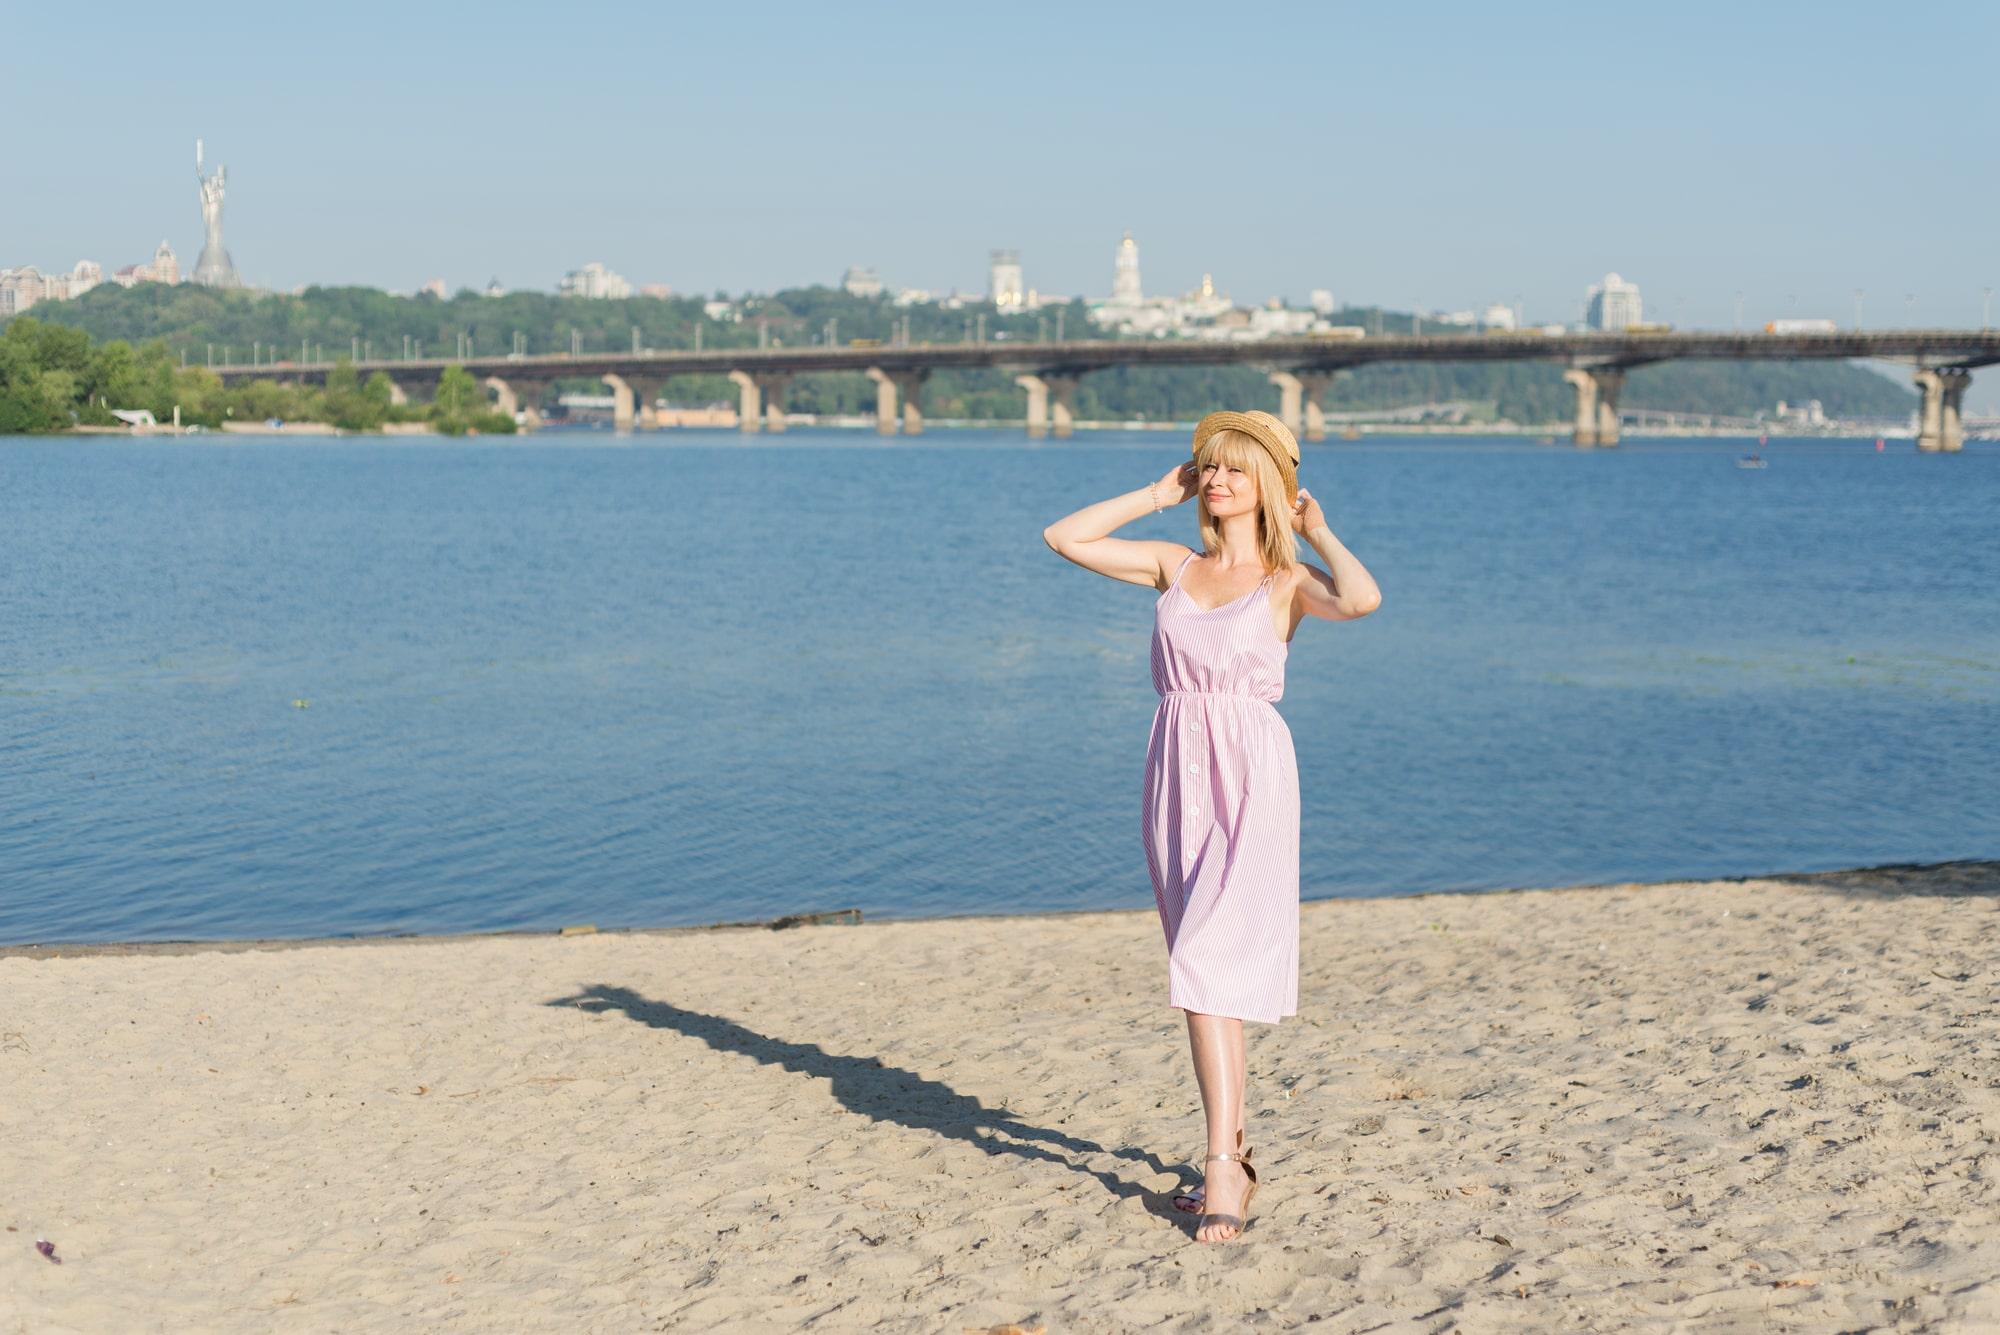 Фотосессия девушки возле реки Днепр - на песке